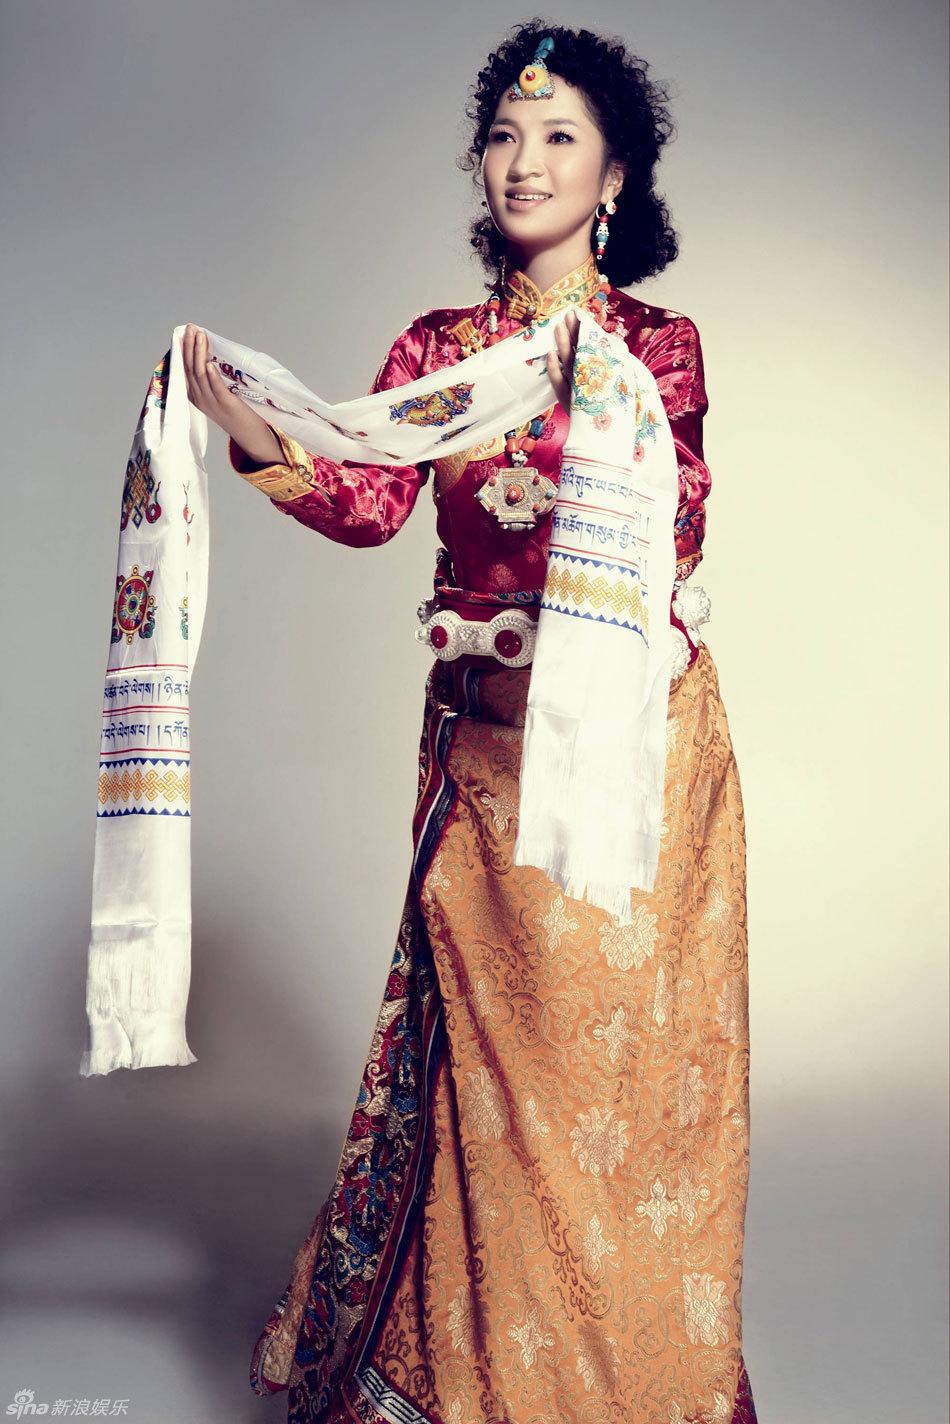 藏族歌手阿斯根展示藏族服饰 试听 阿斯根 去拉萨的路有多